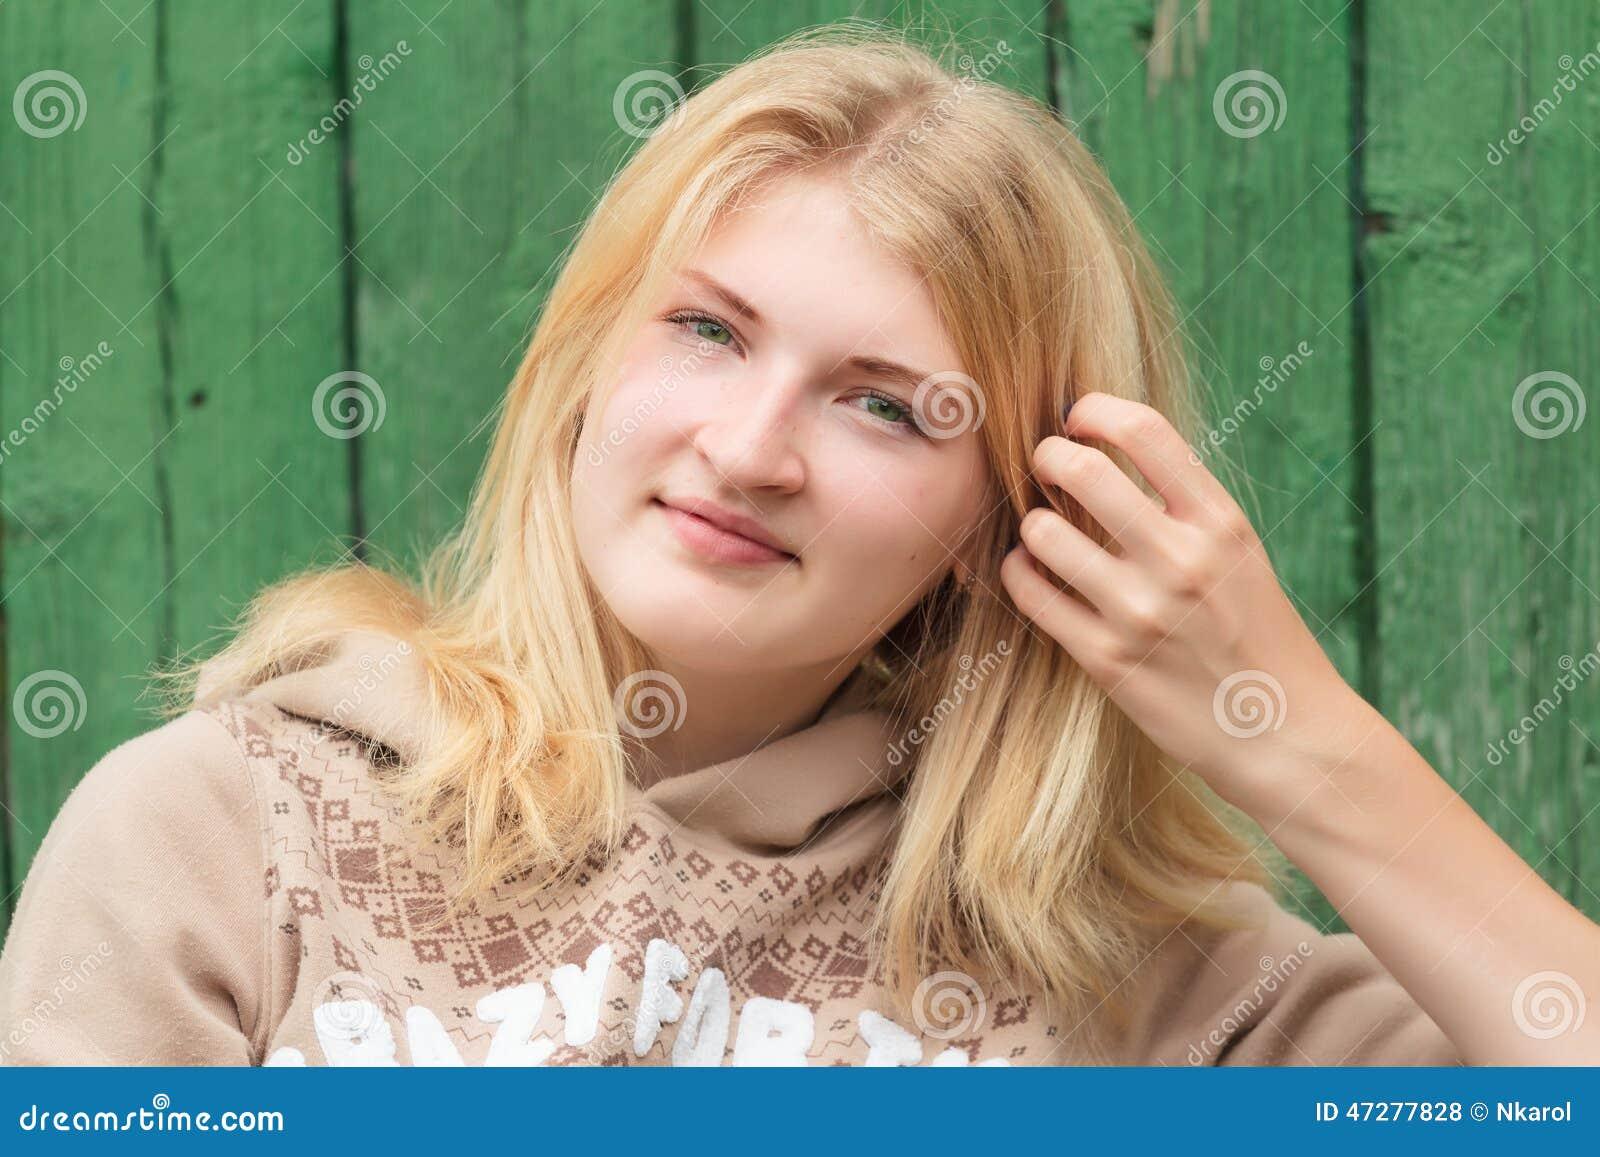 portrait de fille blonde aux yeux verts de sourire photo stock image du pull beau 47277828. Black Bedroom Furniture Sets. Home Design Ideas